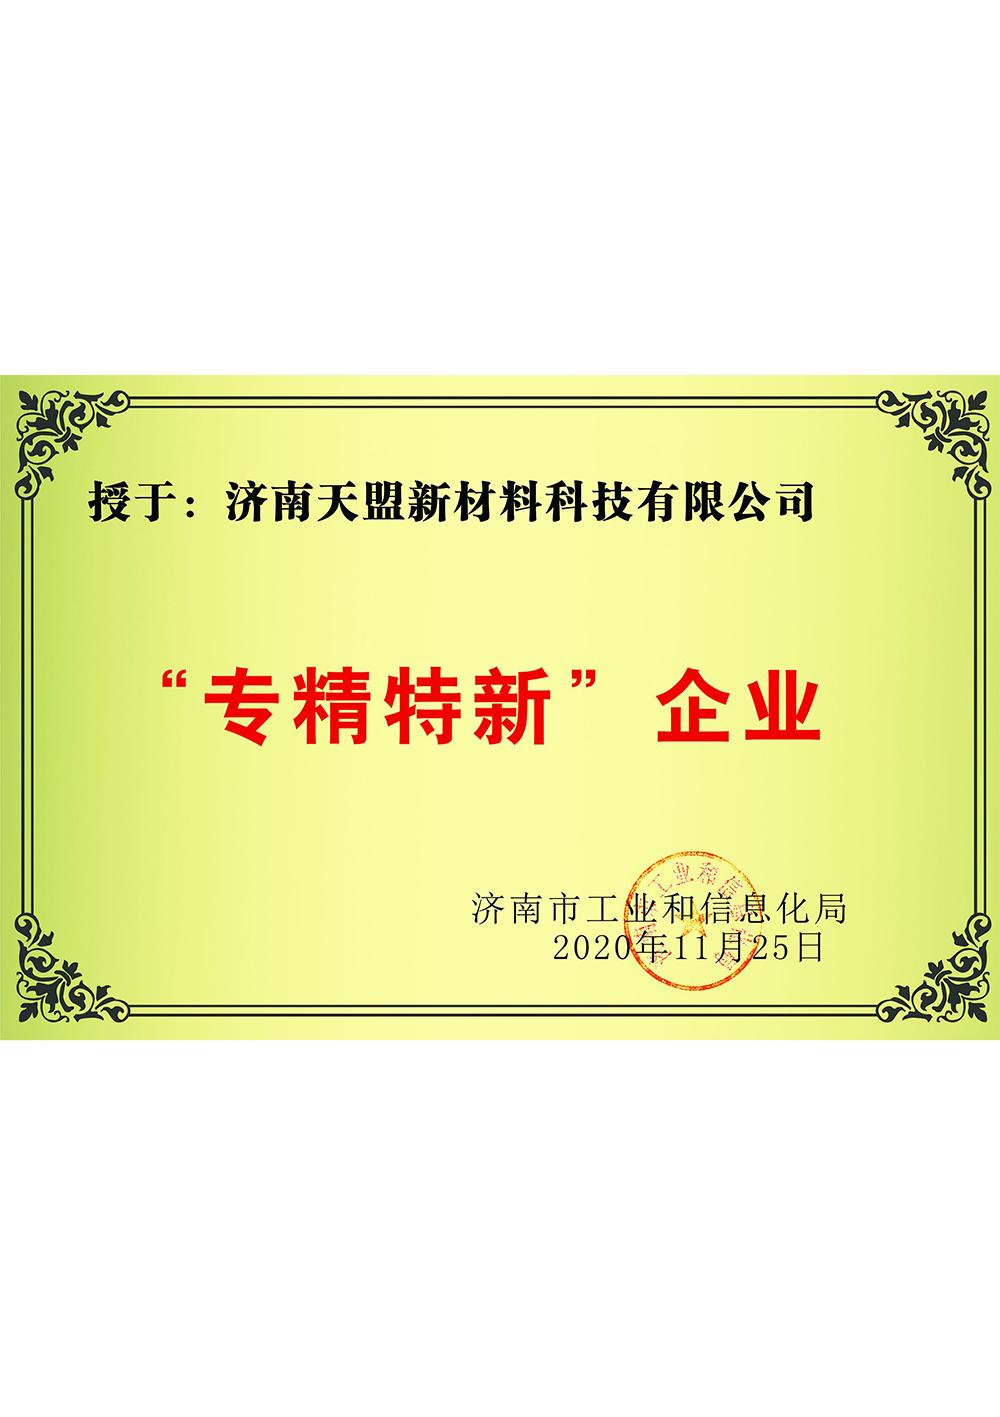 热喷涂专精特新企业证书